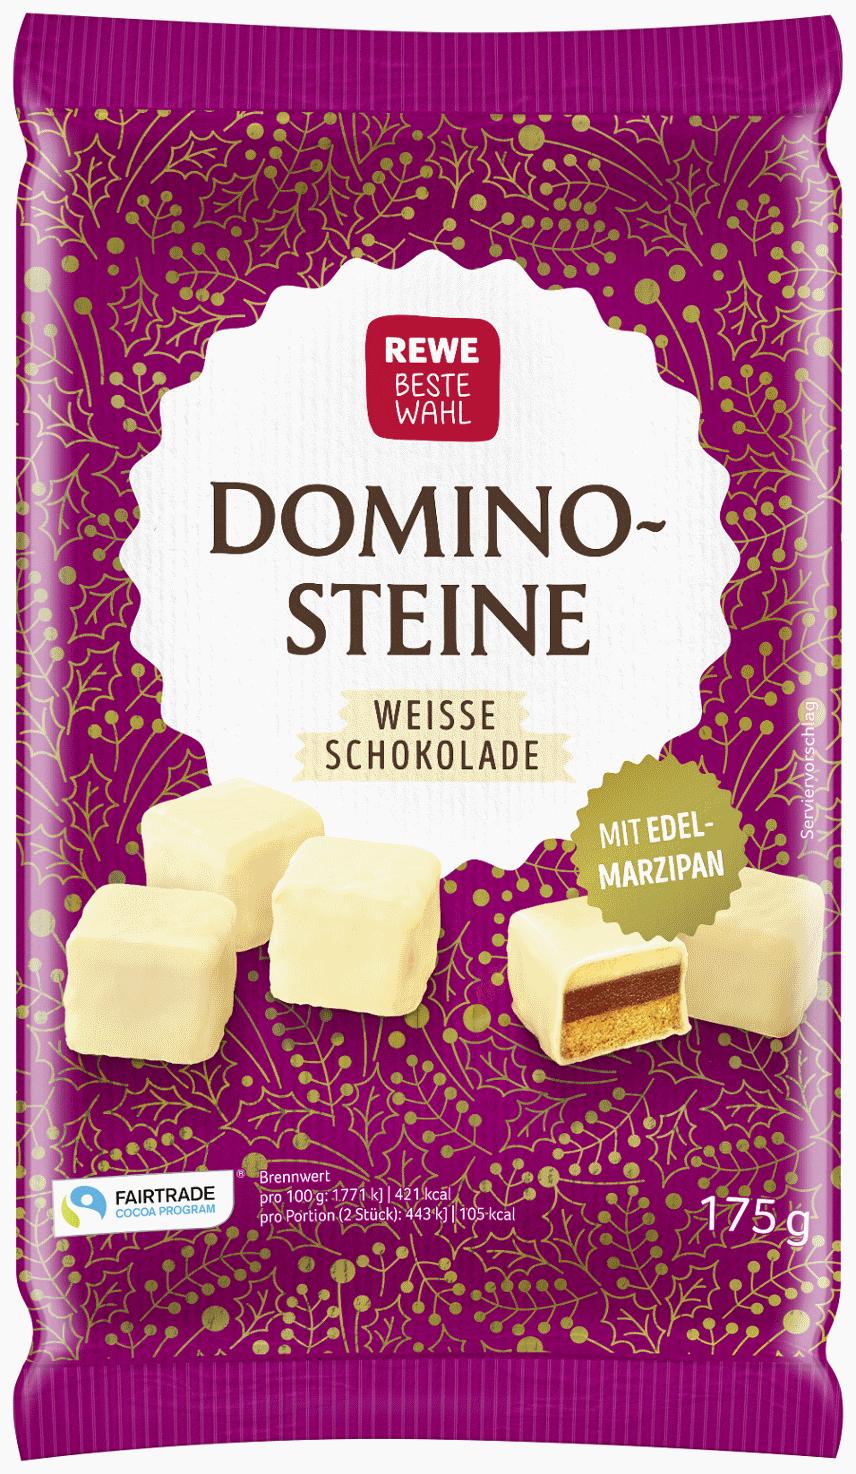 Edelmarzipan-Dominosteine mit 25 % weißer Schokolade